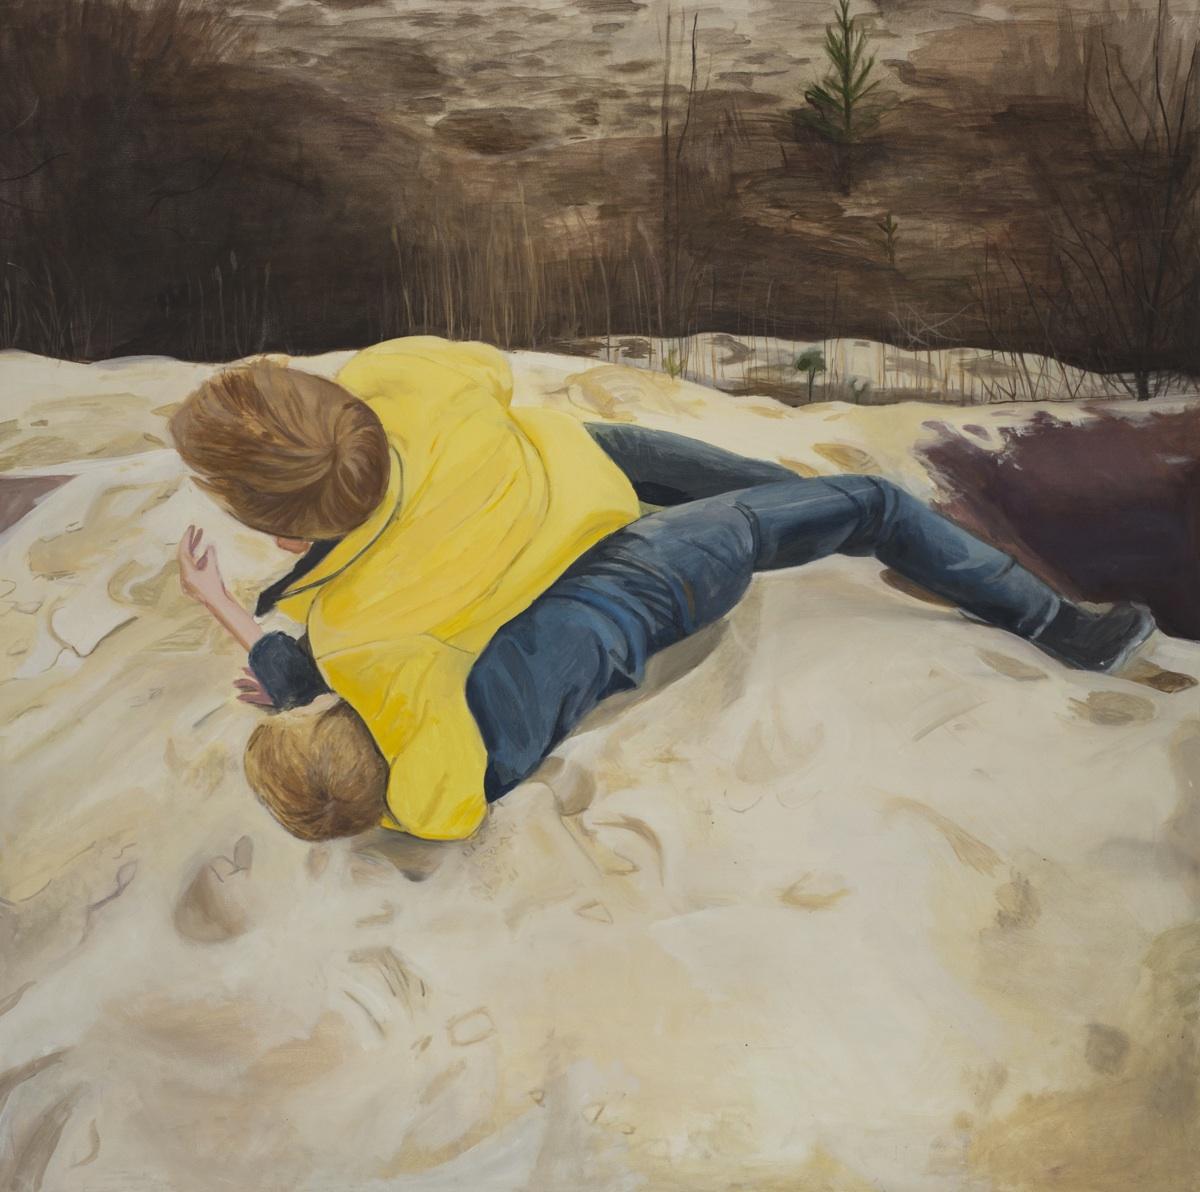 Chłopcy bijący się na pustyni, 2013